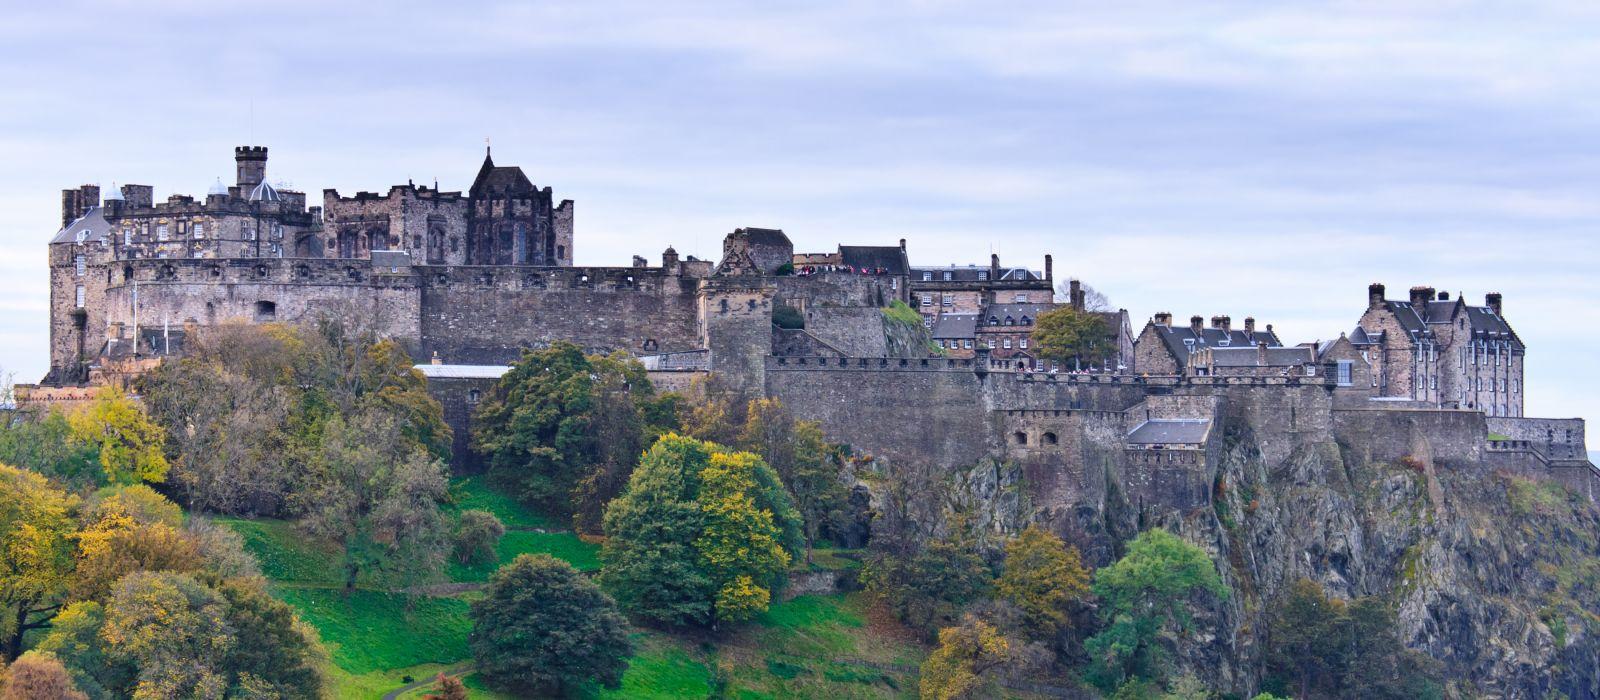 Edinburgh Castle, Scotland, Europe